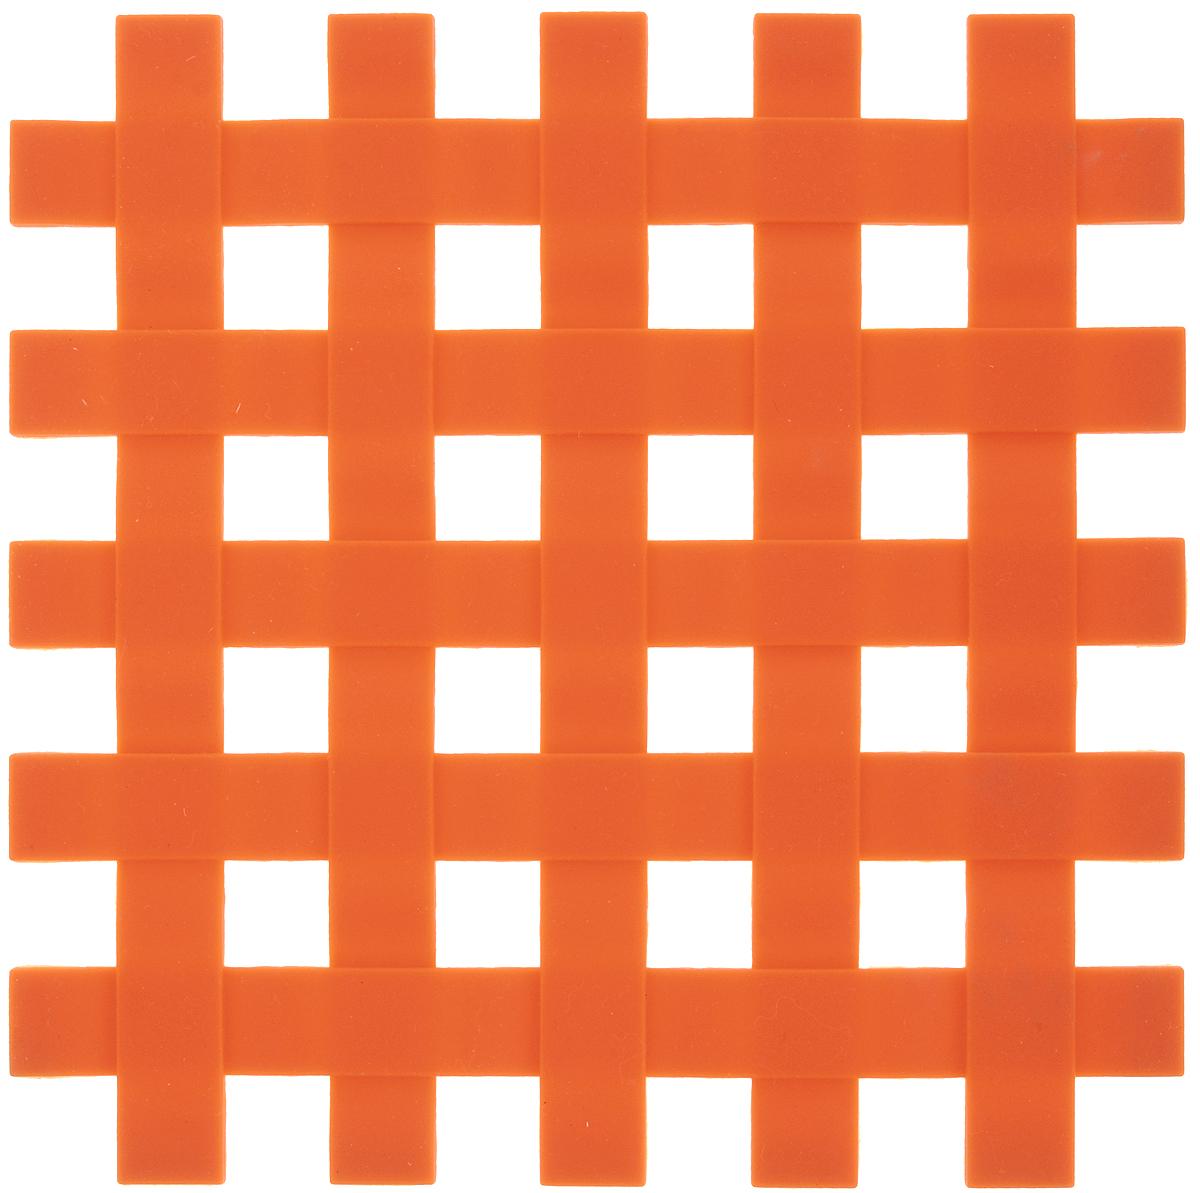 Подставка под горячее Доляна Клетка, цвет: оранжевый, 17 см811893_оранжевыйСиликоновая подставка под горячее — практичный предмет, который обязательно пригодится в хозяйстве. Изделие поможет сберечь столы, тумбы, скатерти и клеёнки от повреждения нагретыми сковородами, кастрюлями, чайниками и тарелками.